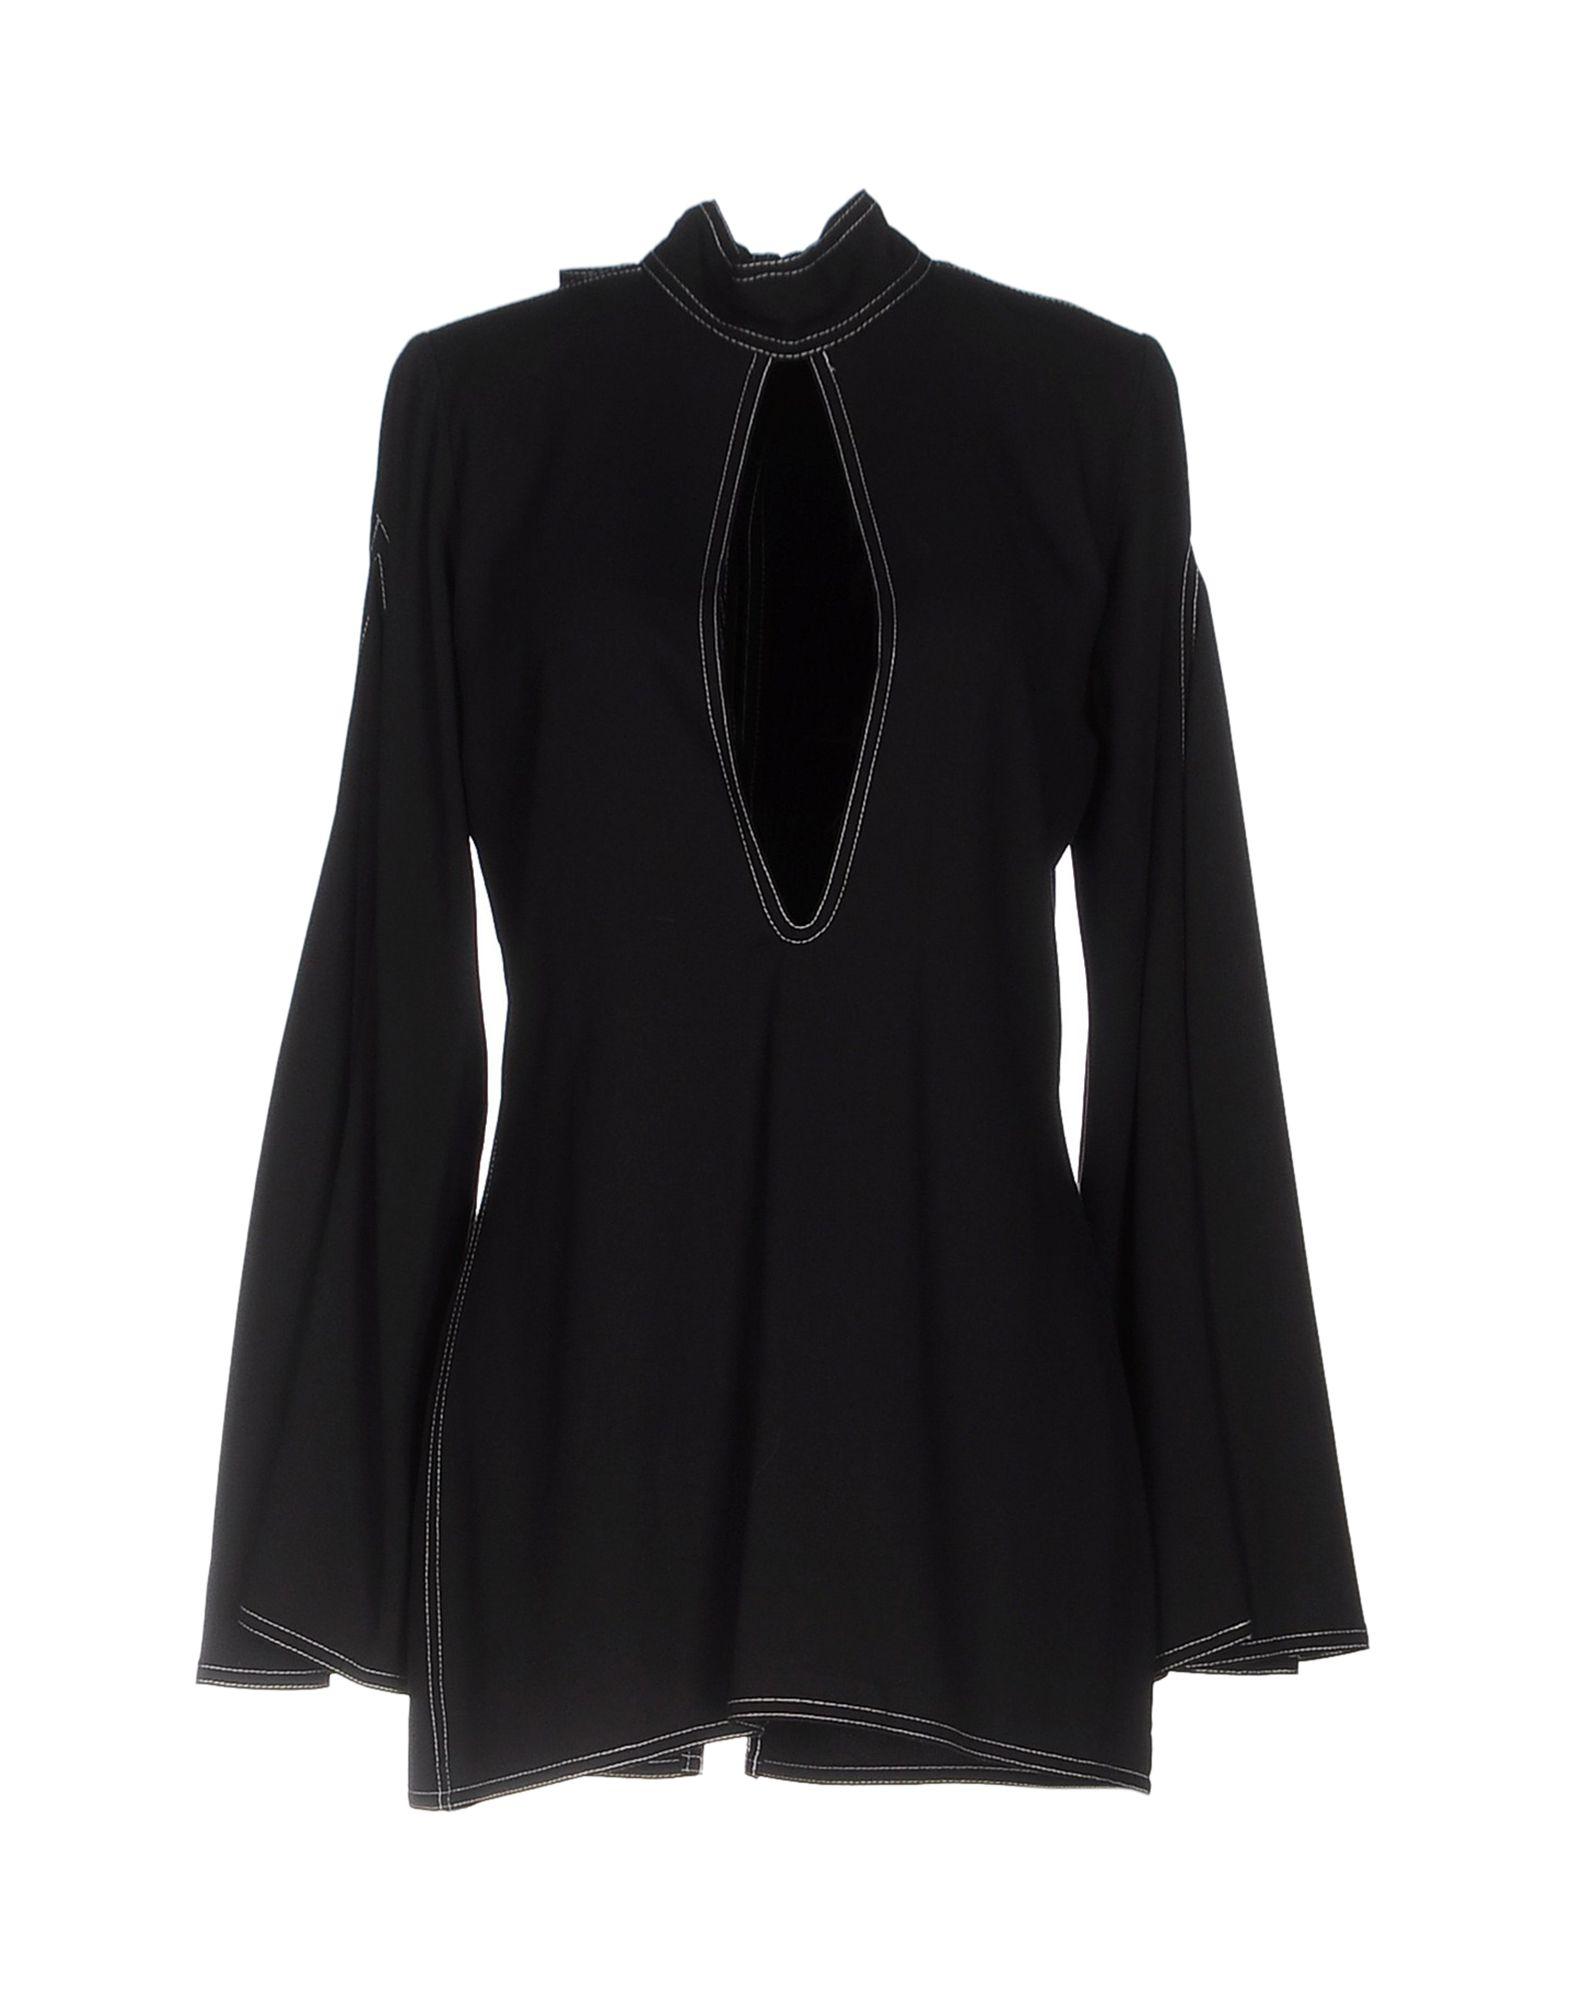 Blusa Beaufille Donna - Acquista online su H1DBG2tR1